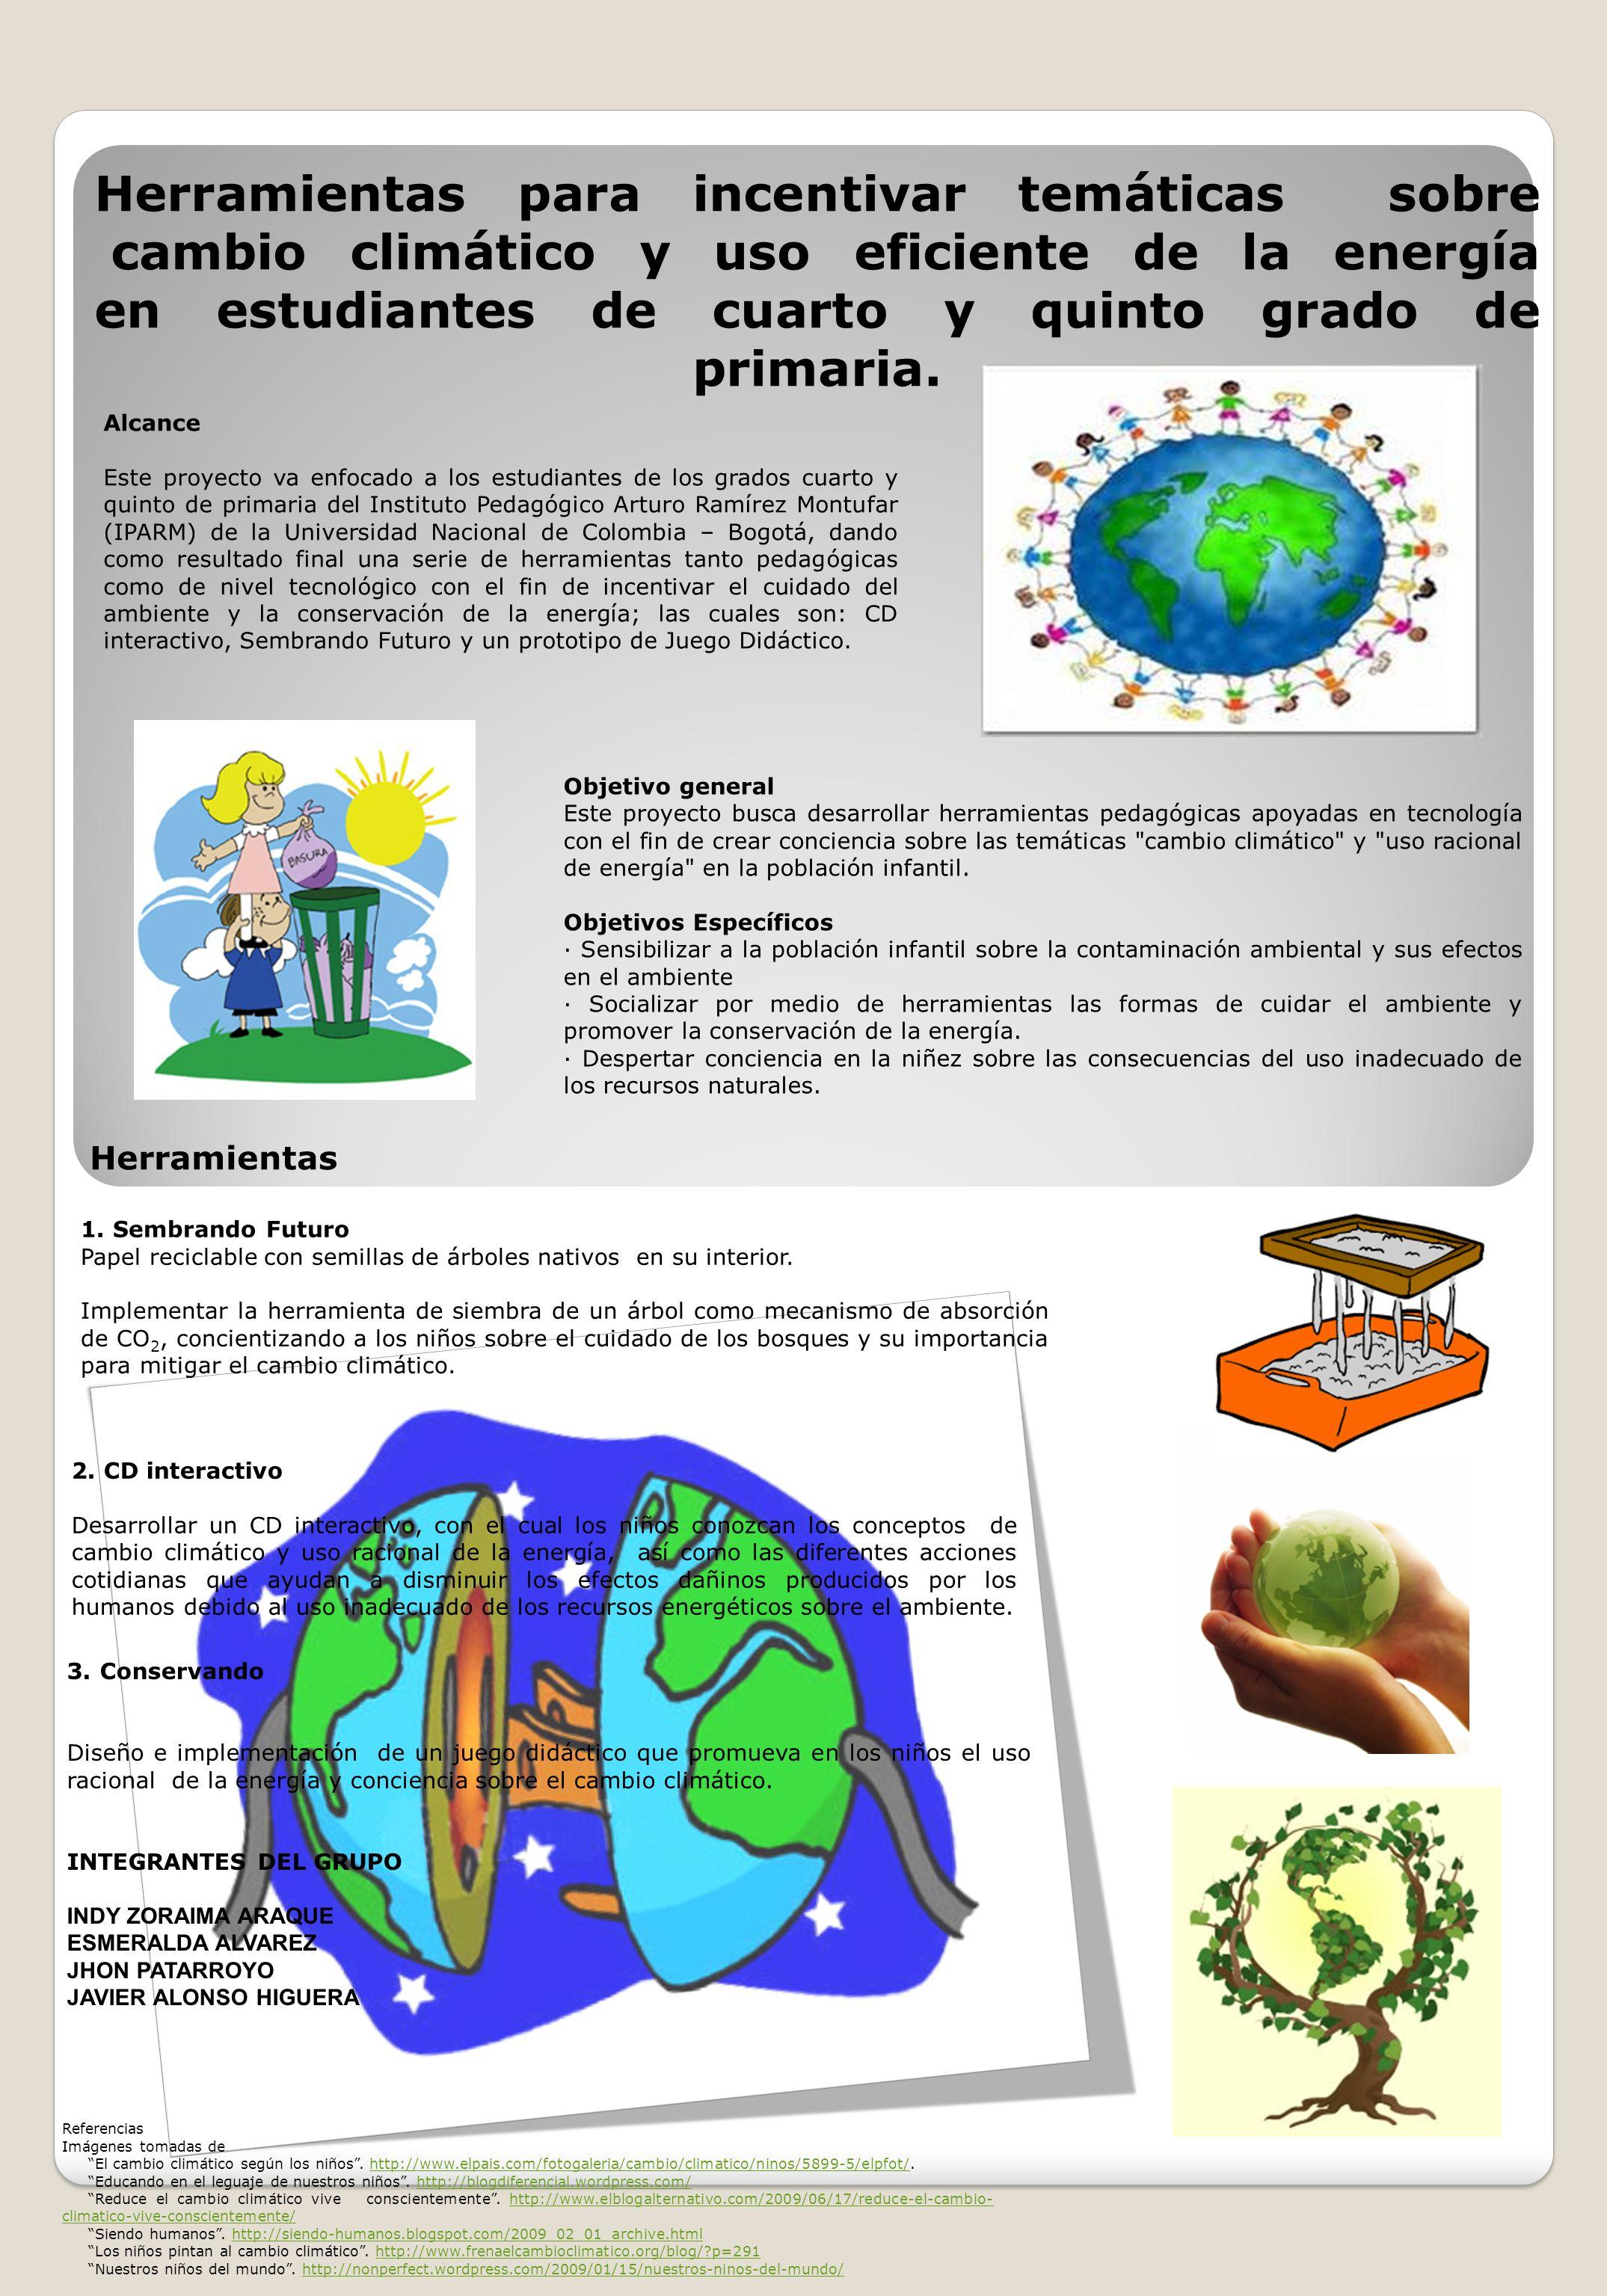 Herramientas para incentivar temáticas sobre cambio climático y uso eficiente de la energía en estudiantes de cuarto y quinto grado de primaria.